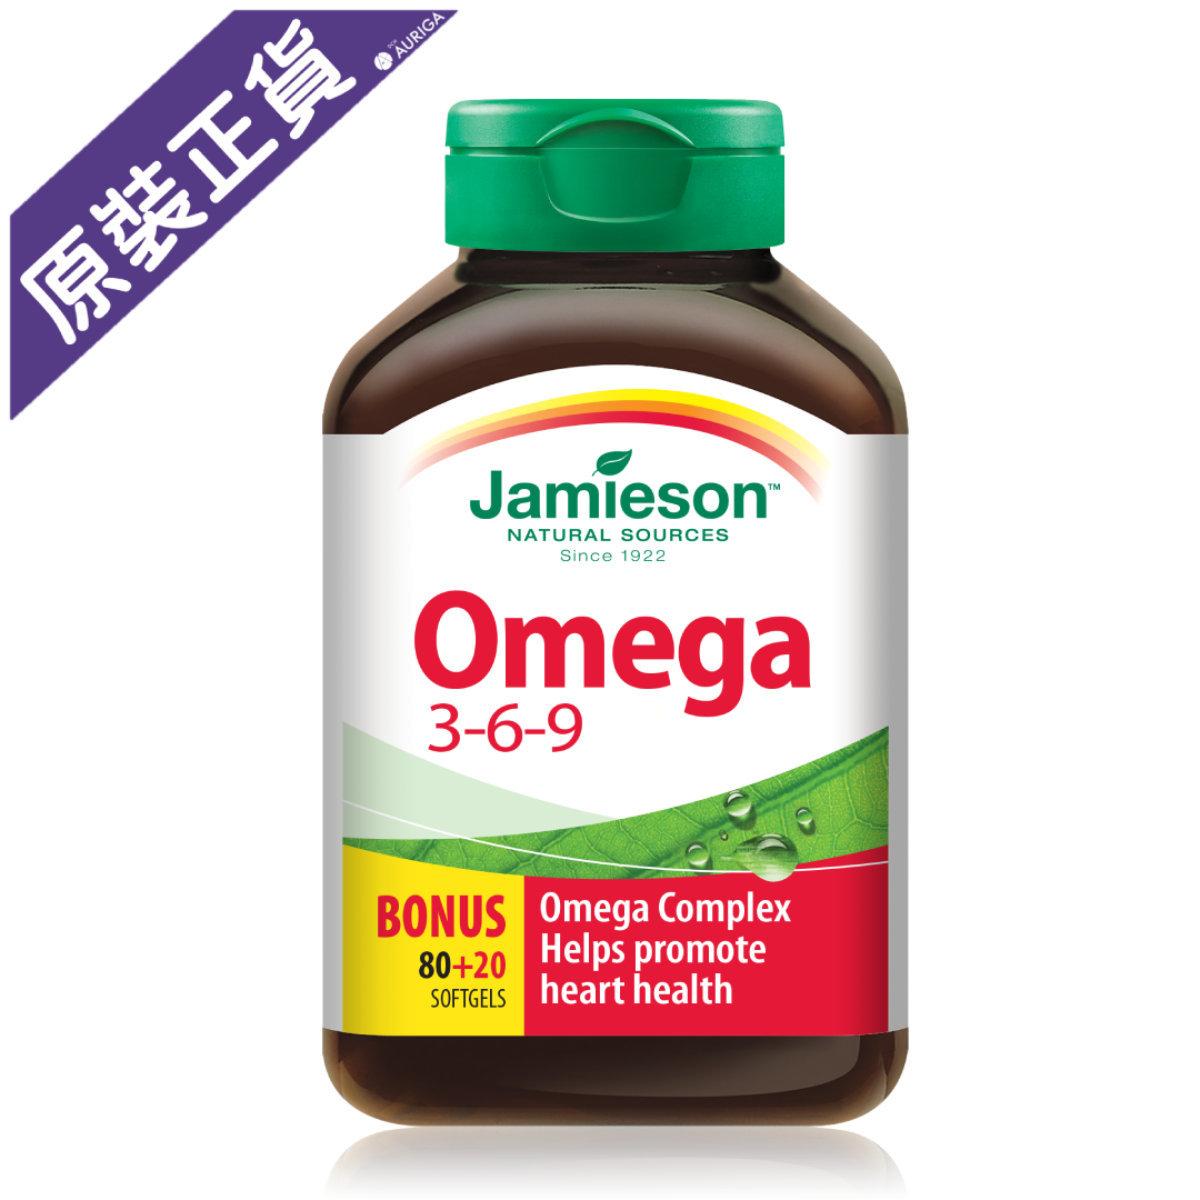 [Genuine Goods] OMEGA 3-6-9 80S+20S